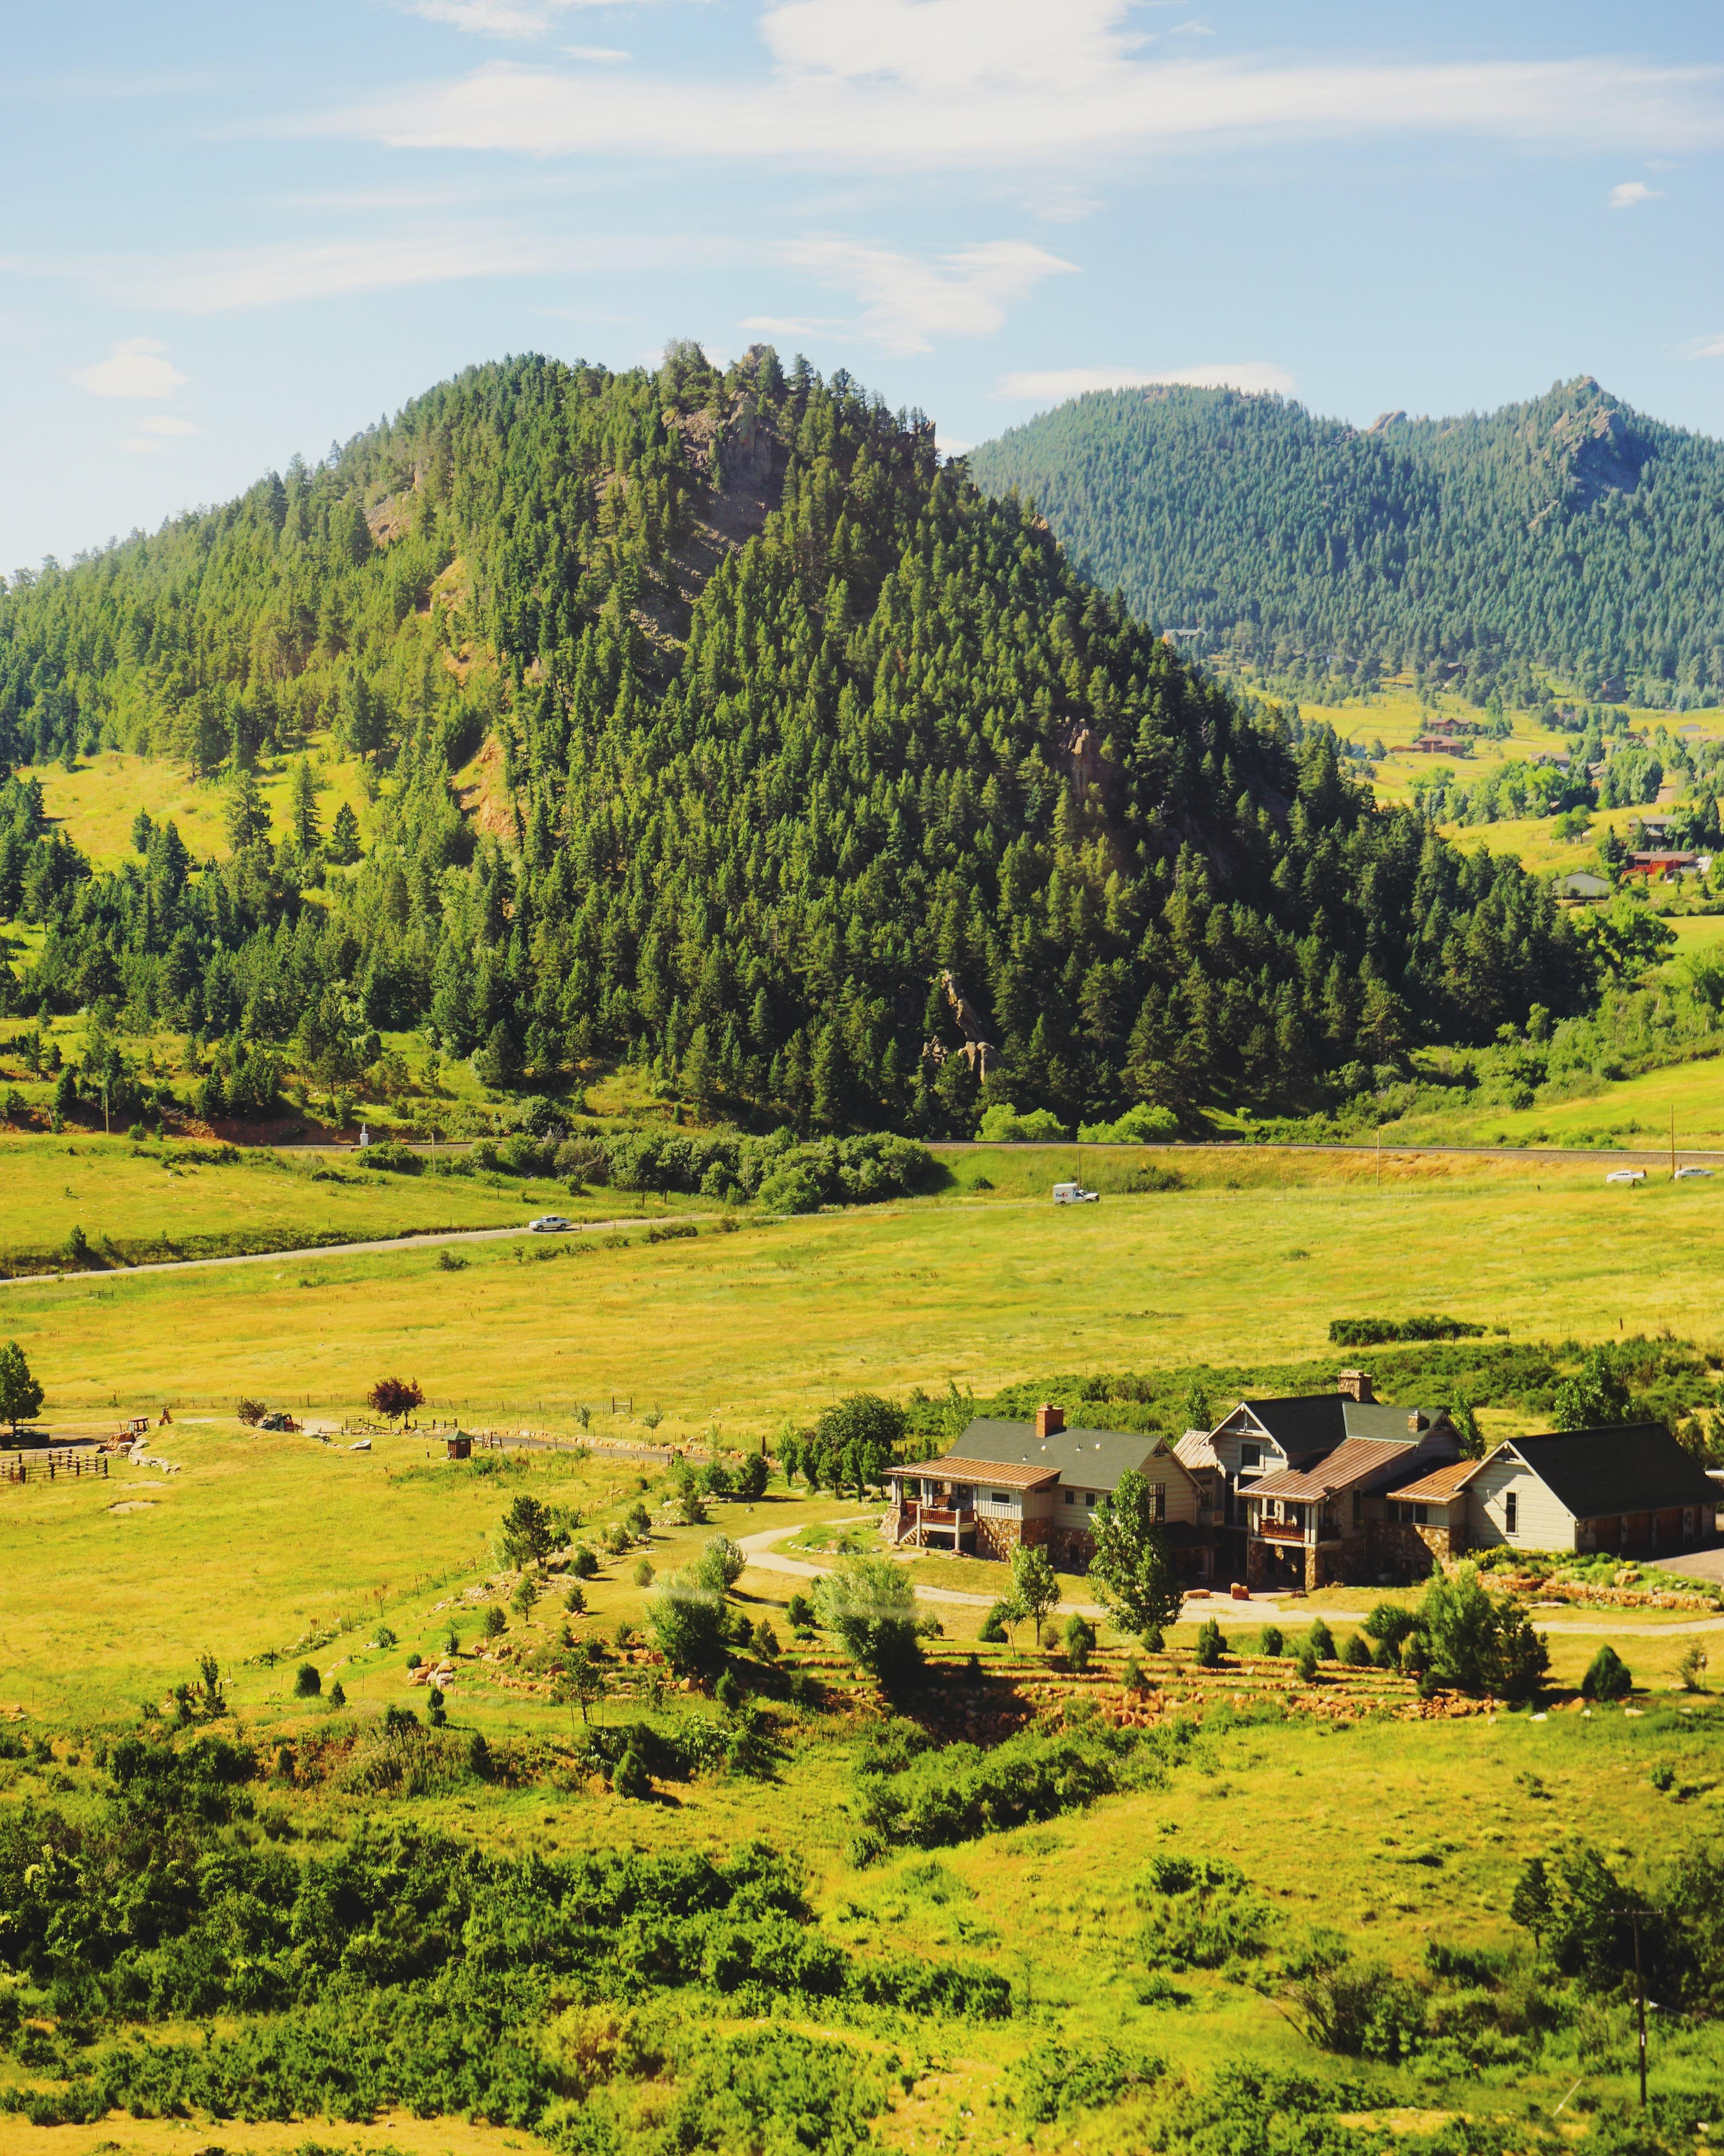 Des plaines aux montagnes touffues, le paysage est toujours surprenant // From the plains to the leafy montaigns, the landscape is always spectacular